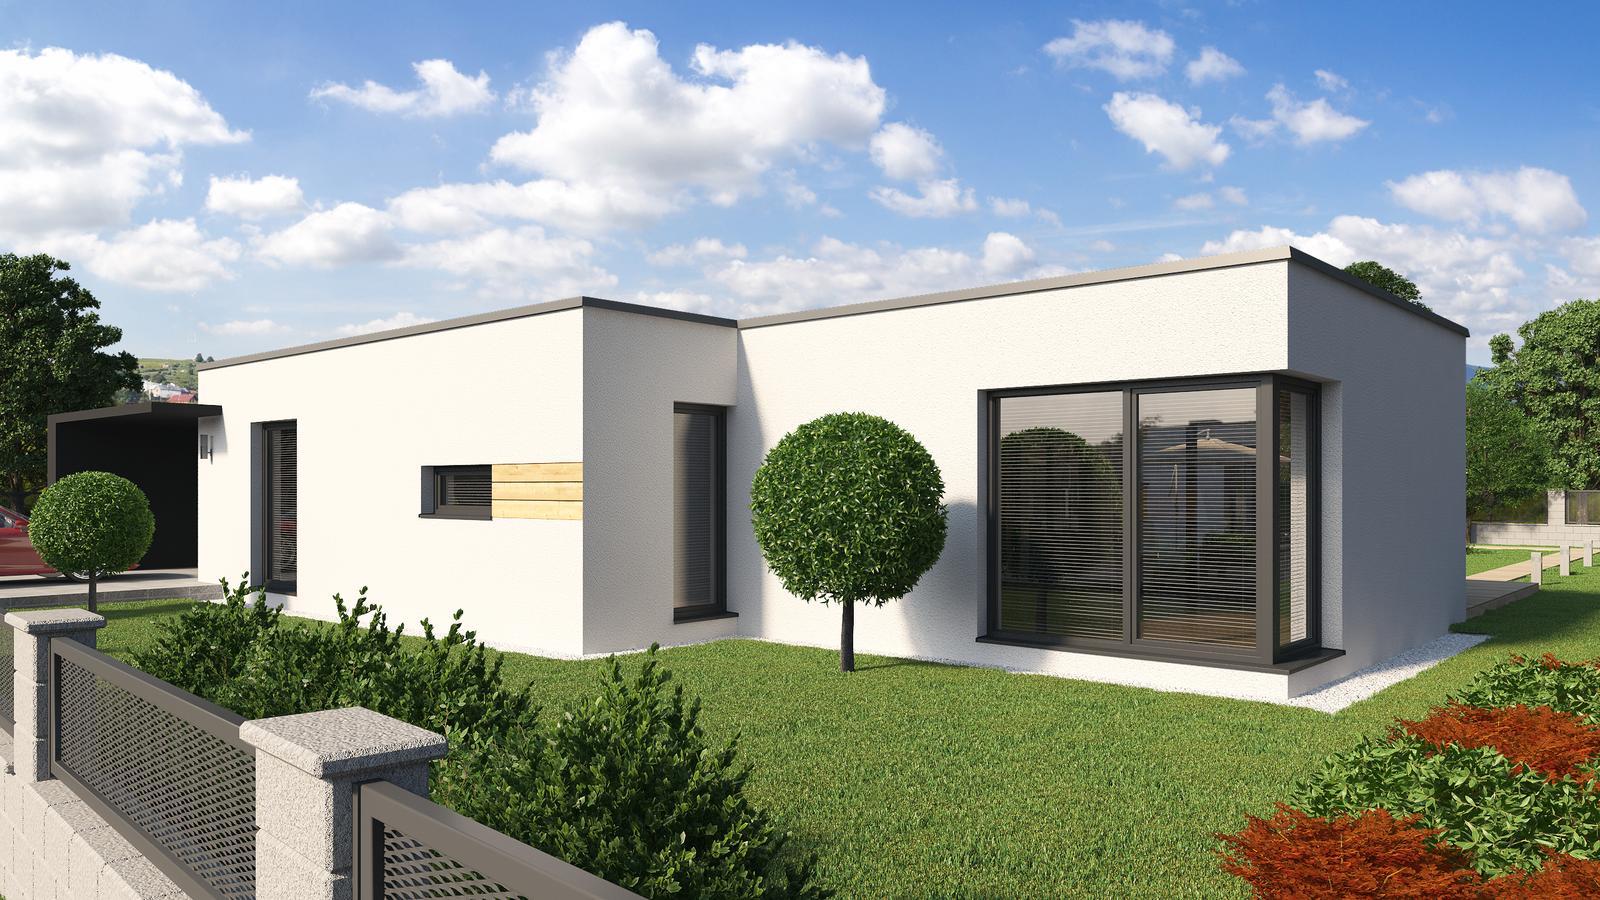 Ďalšie ukážky návrhov domčekov pre Vás - www.rodinny-dom.eu - Obrázok č. 33